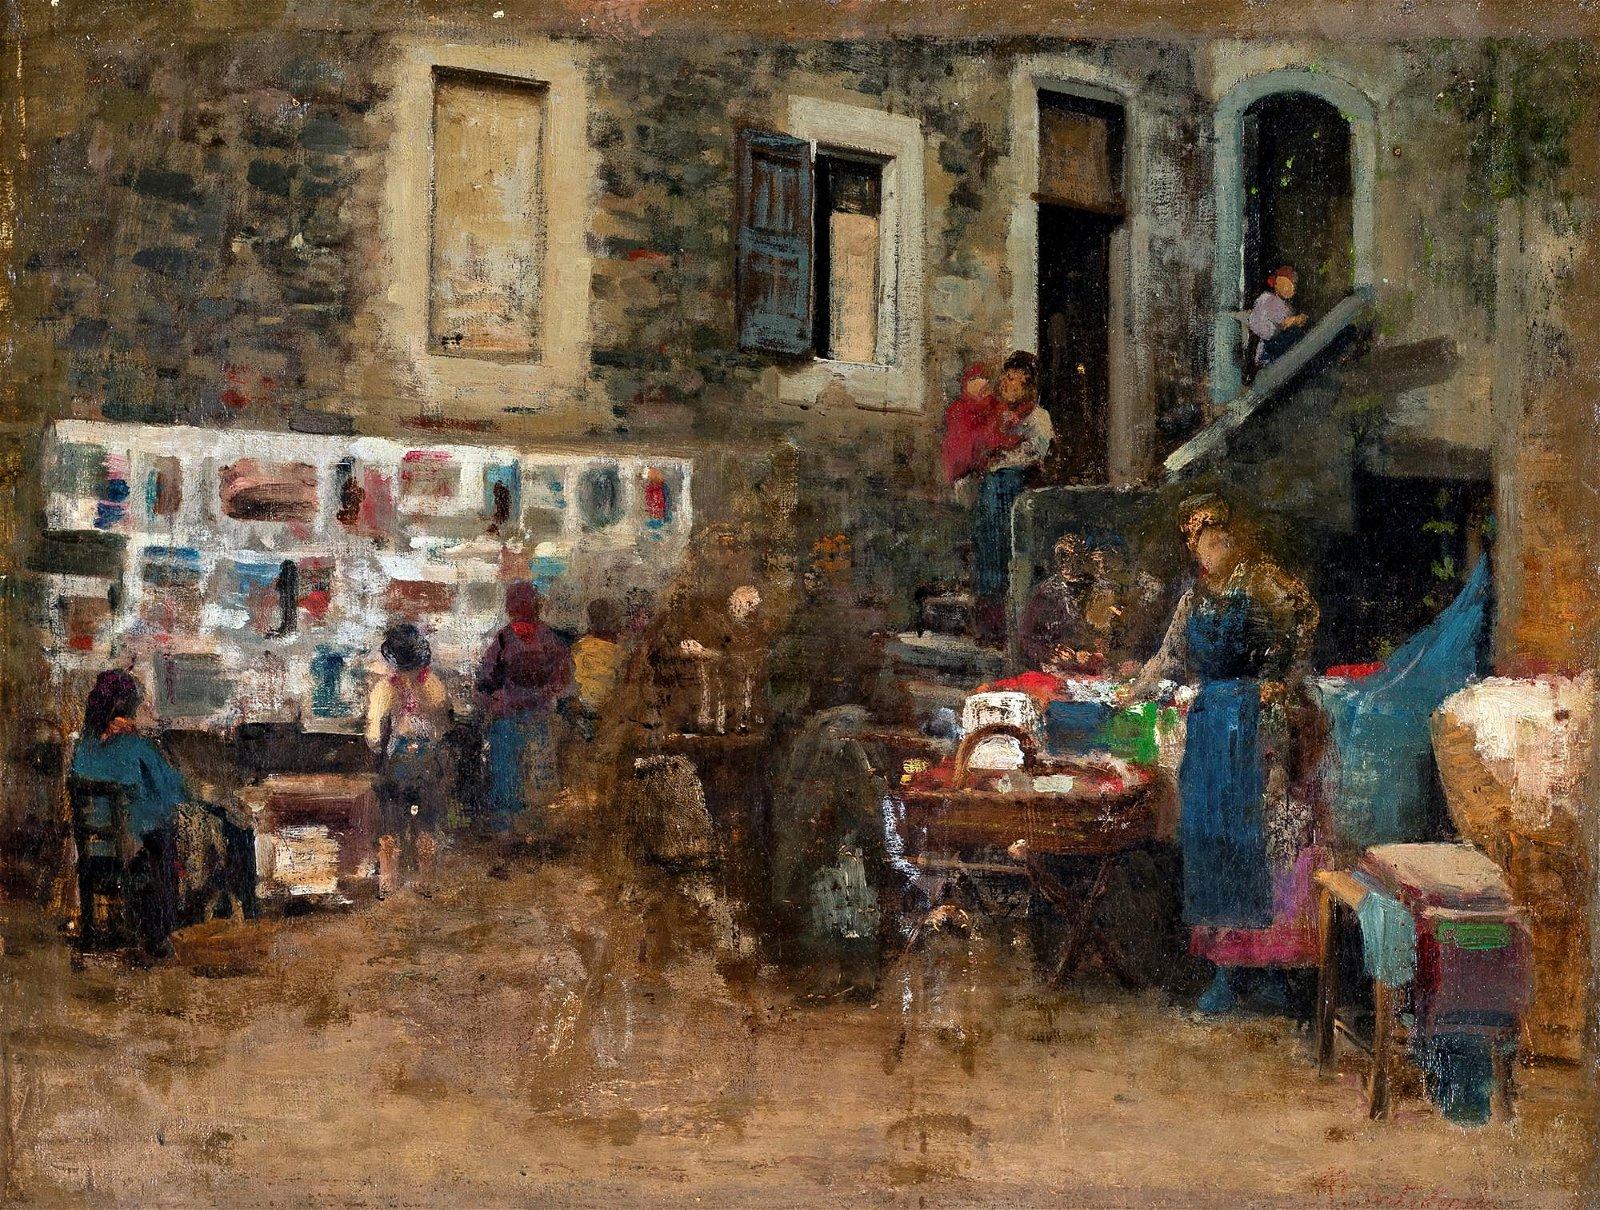 Pittore del XIX/XX secolo   Genre scene in a village